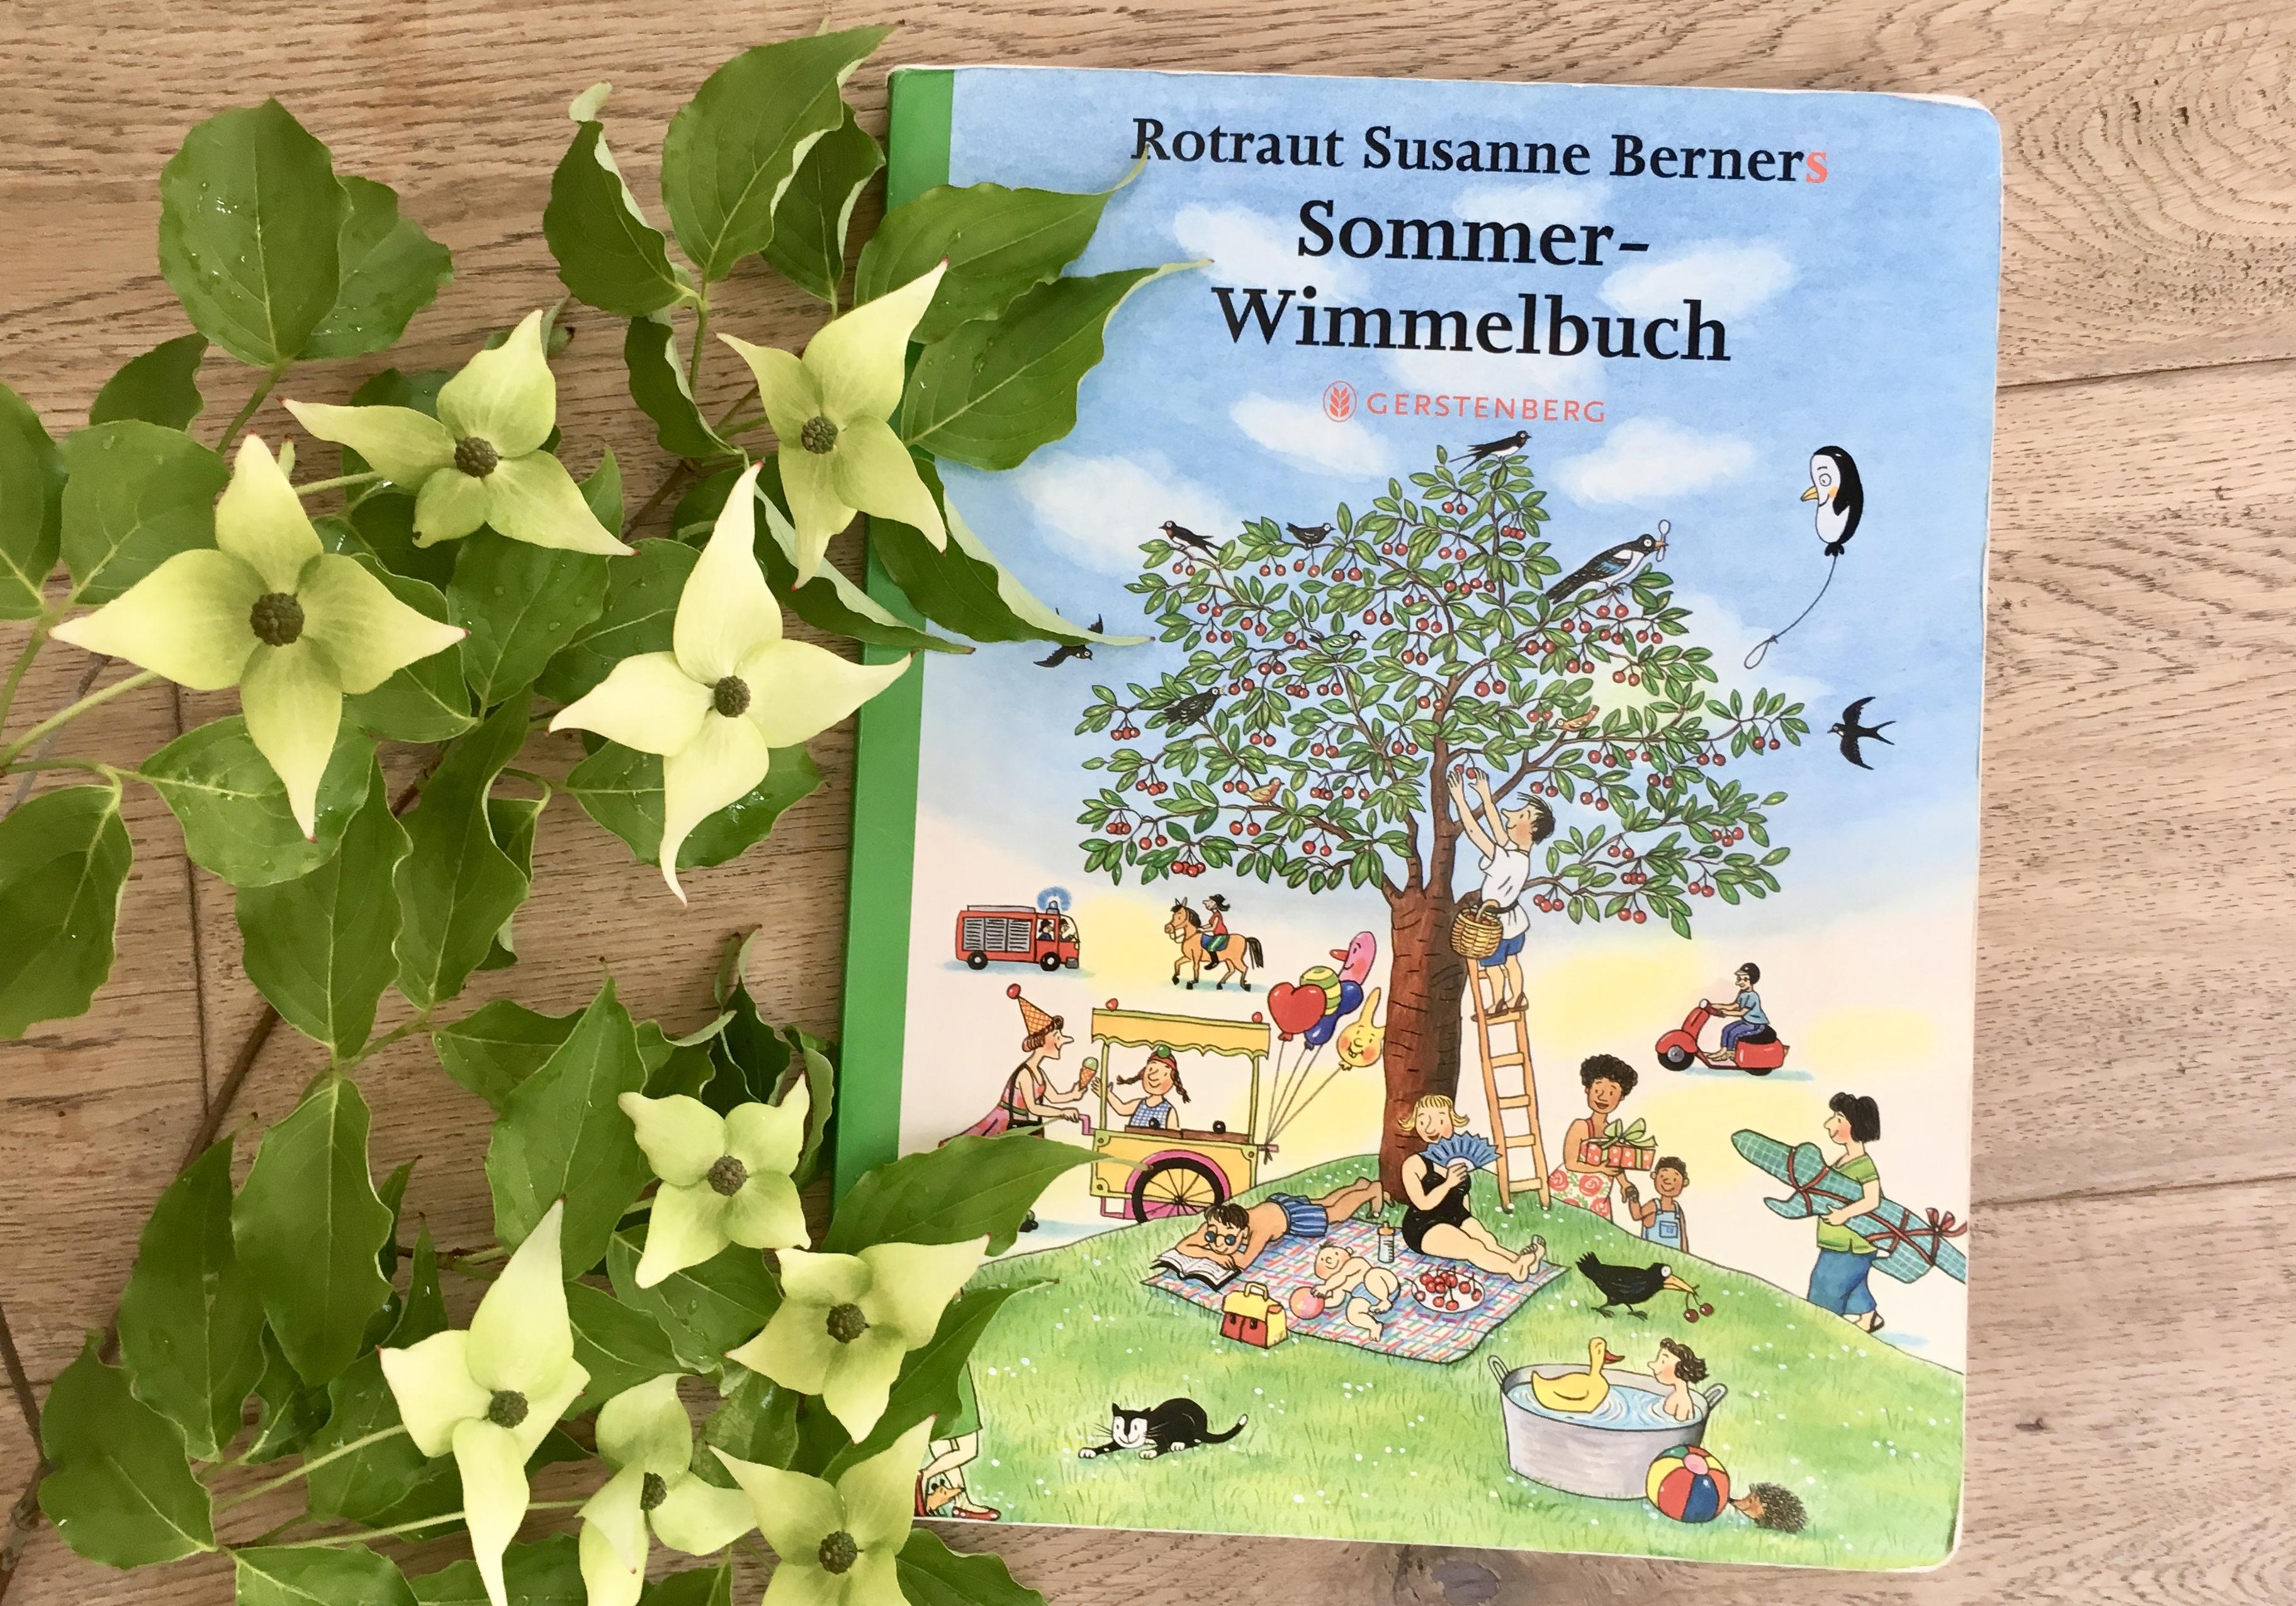 Sommer-Wimmelbuch von Rotraut Susanne Berner